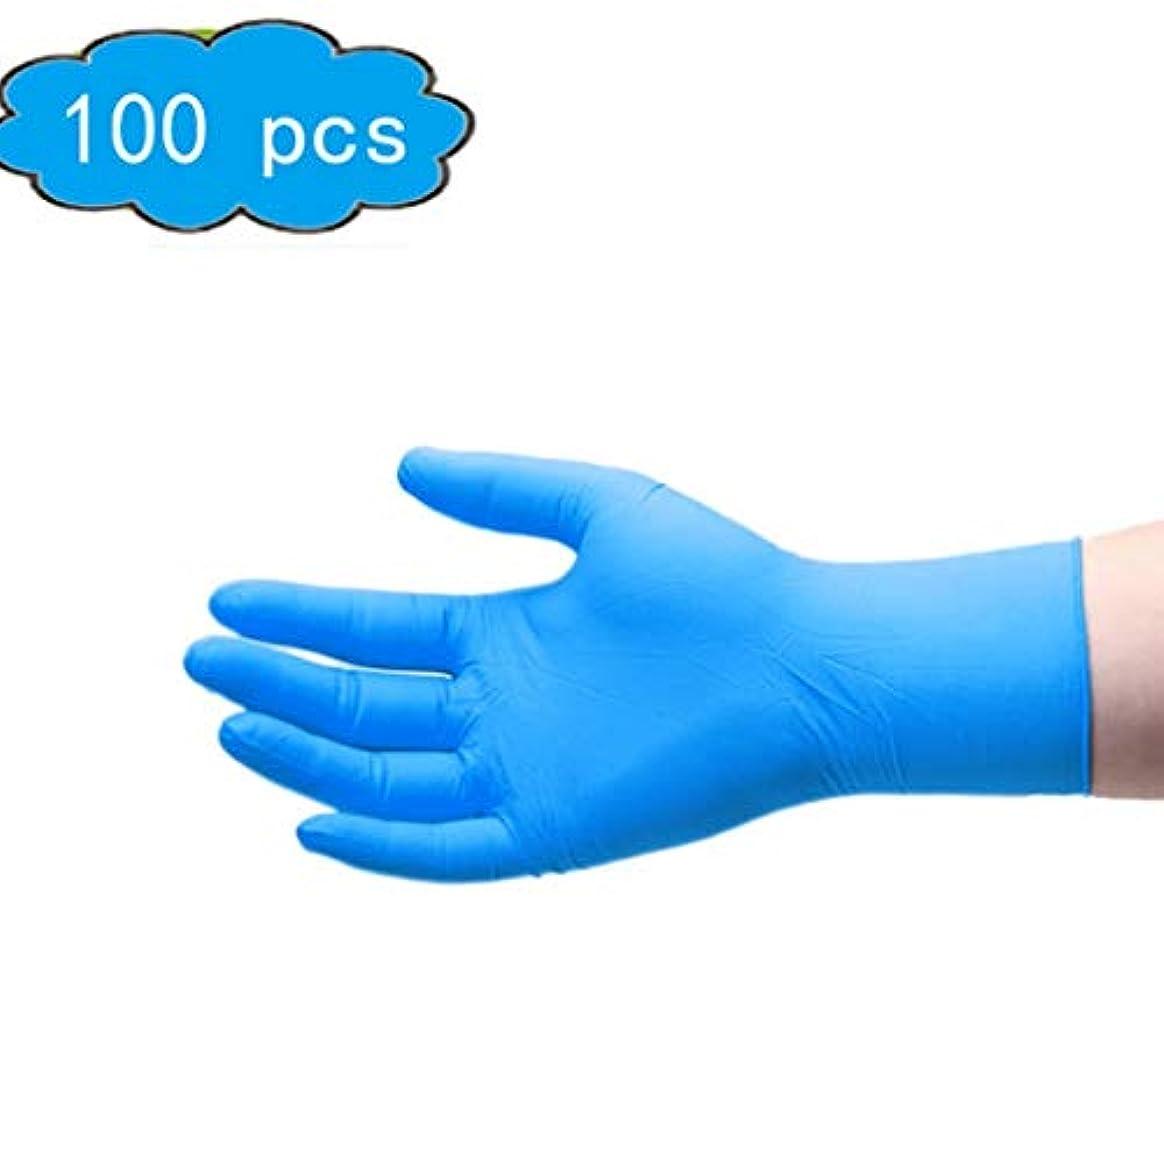 アートダイヤモンド甲虫使い捨てニトリル試験手袋、5 Mil、医療グレード、ラテックスフリー、パウダーフリー、食品安全(100個入り)、ラボ、安全&作業用手袋、家庭用品 (Color : Blue, Size : XS)